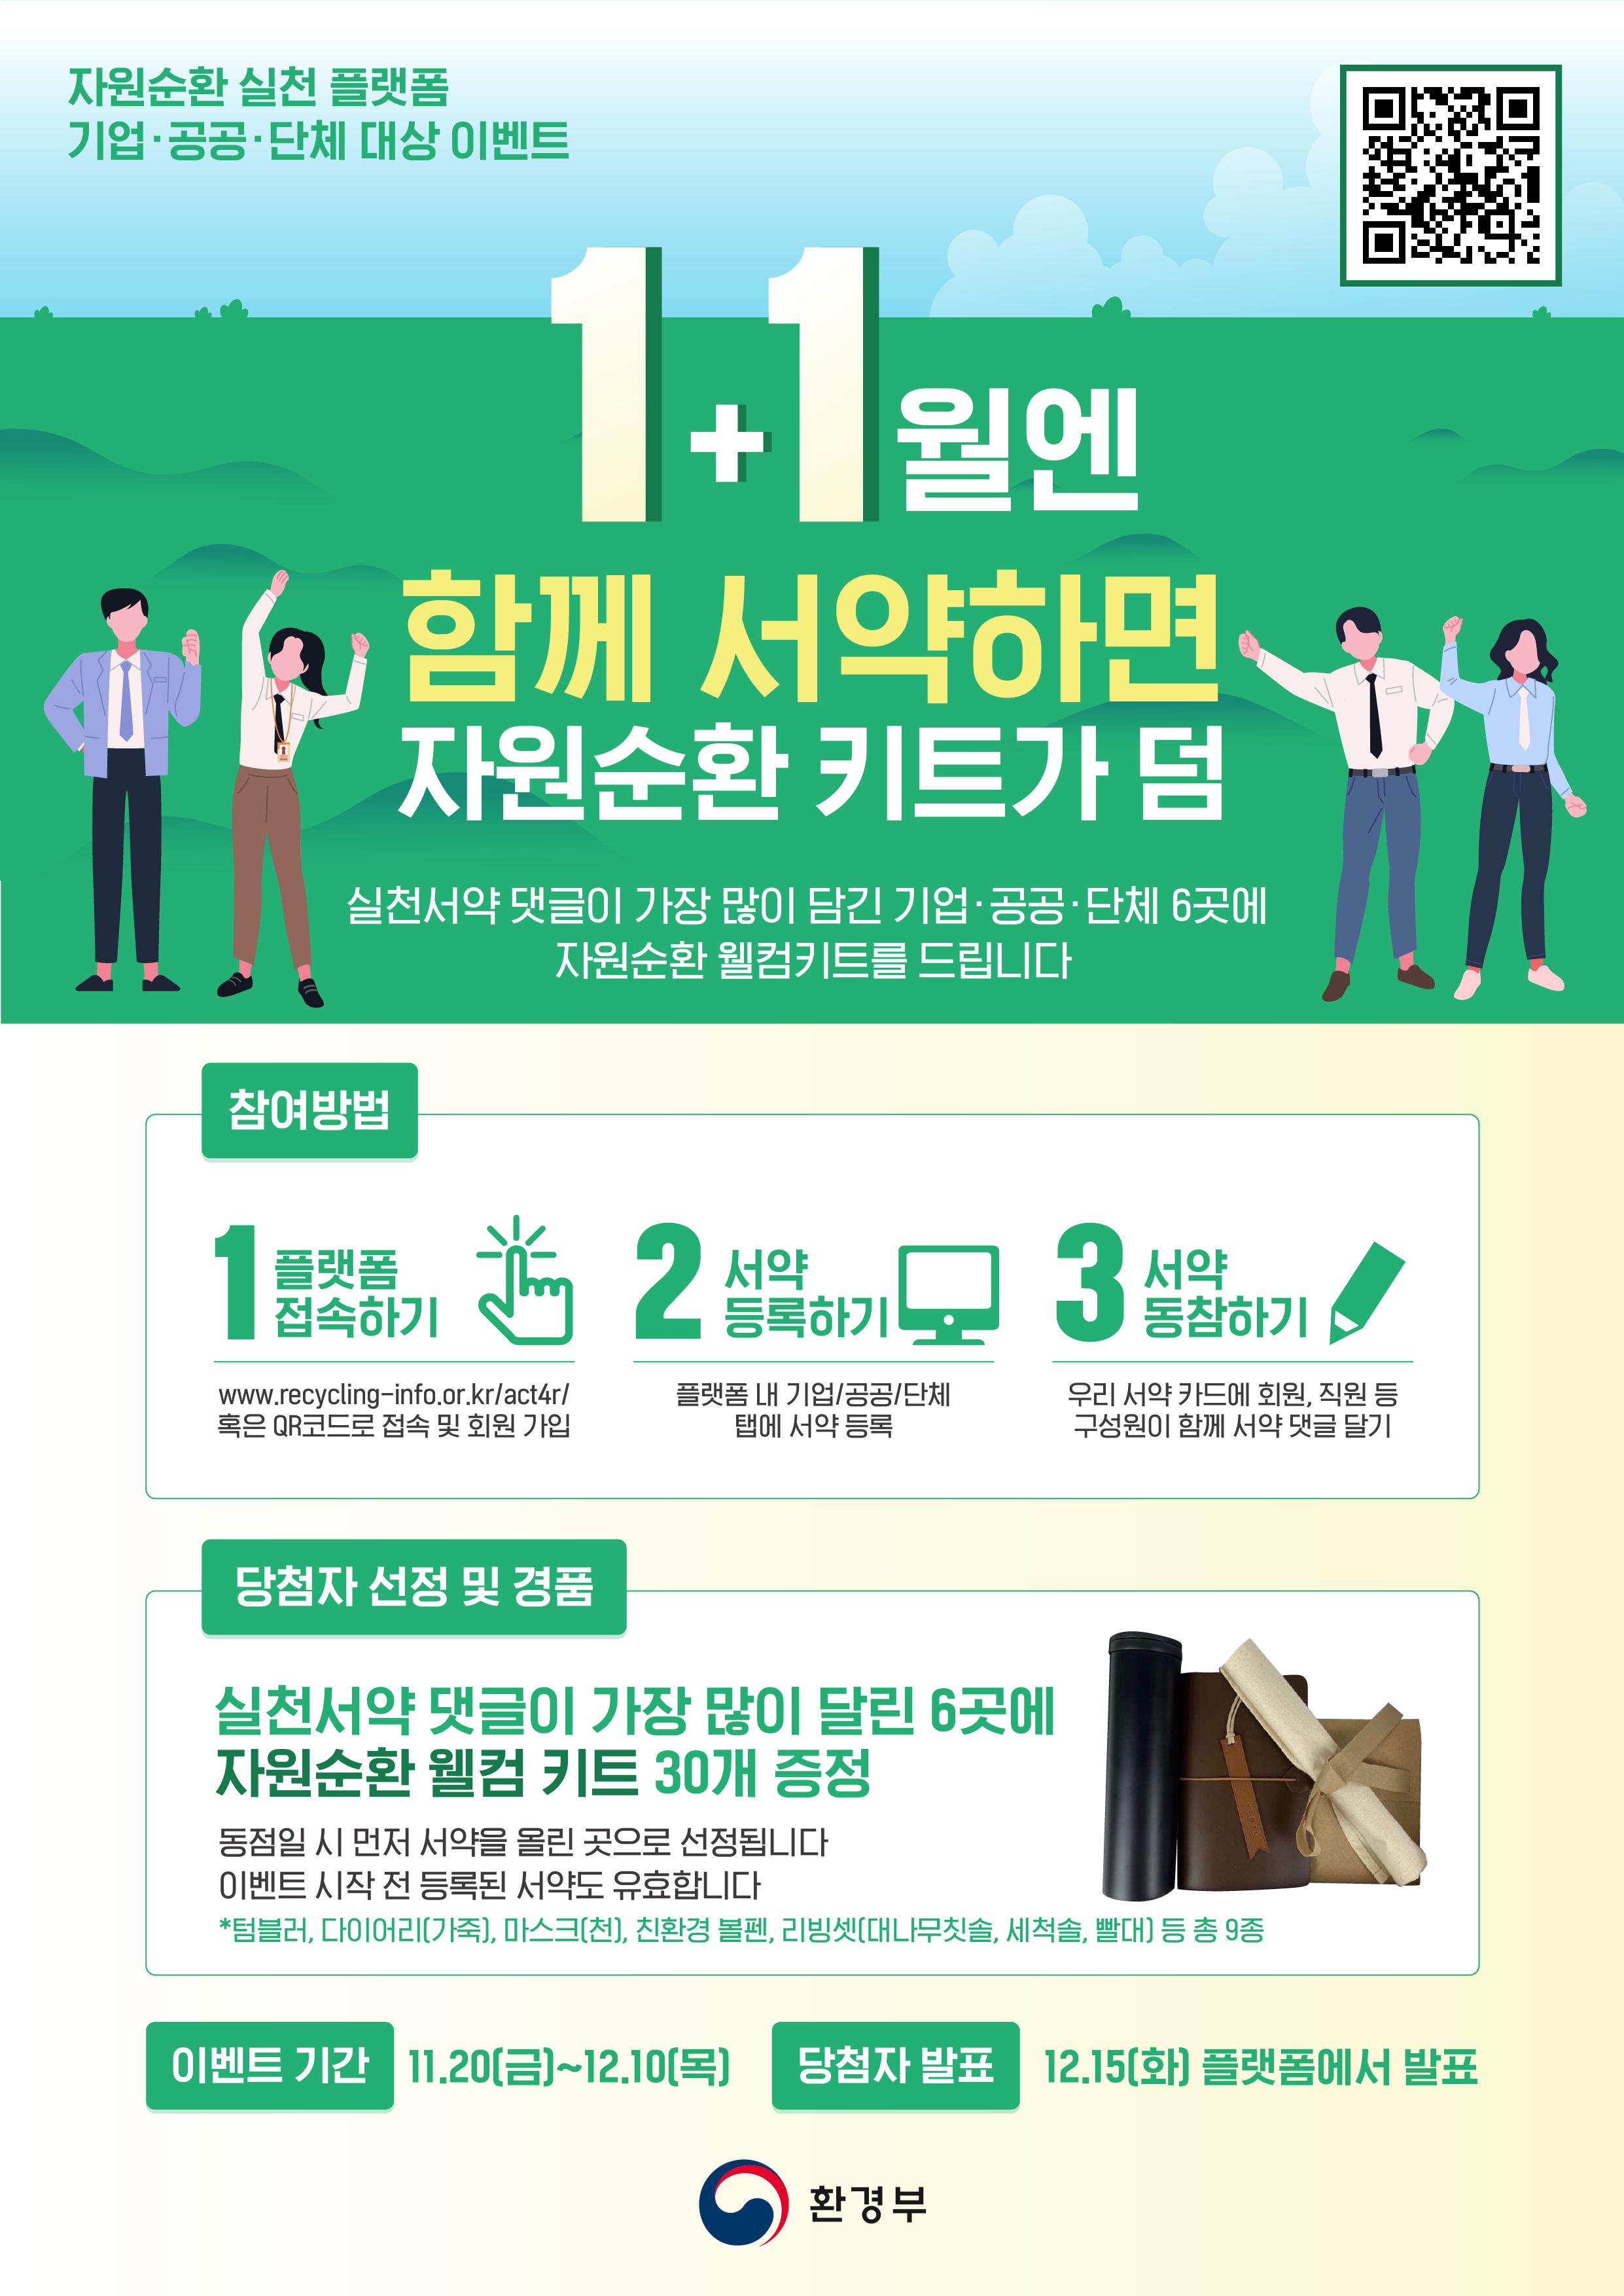 [안내] 환경부 | 자원순환 실천 플랫폼(기업,공공,단체 대상) 11월 이벤트